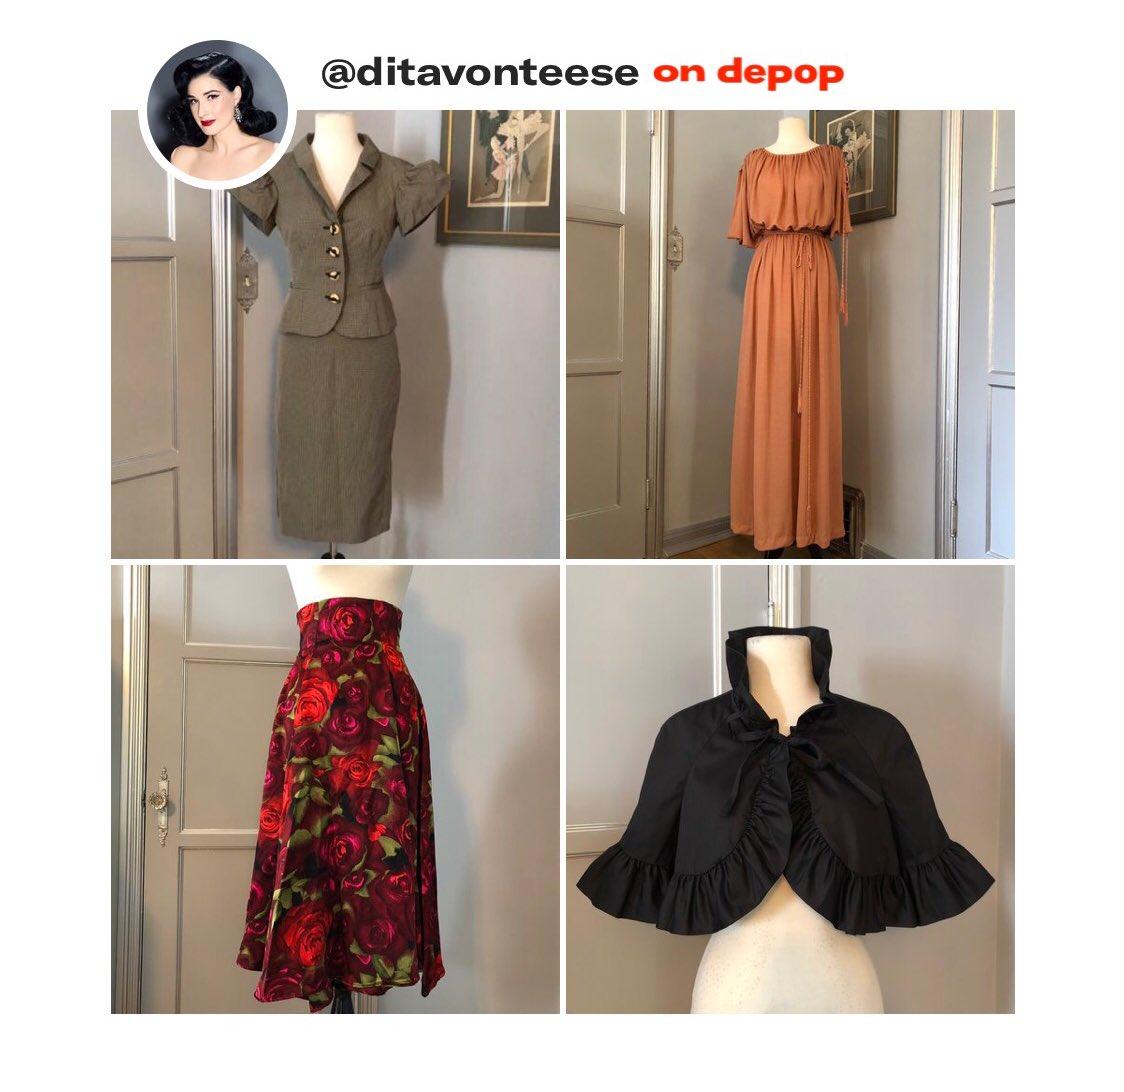 Don't miss my new @Depop listings! Shop my closet, plus #Burlesque memorabilia: https://t.co/dX4RZWq1IU https://t.co/rgzlxKKPRd